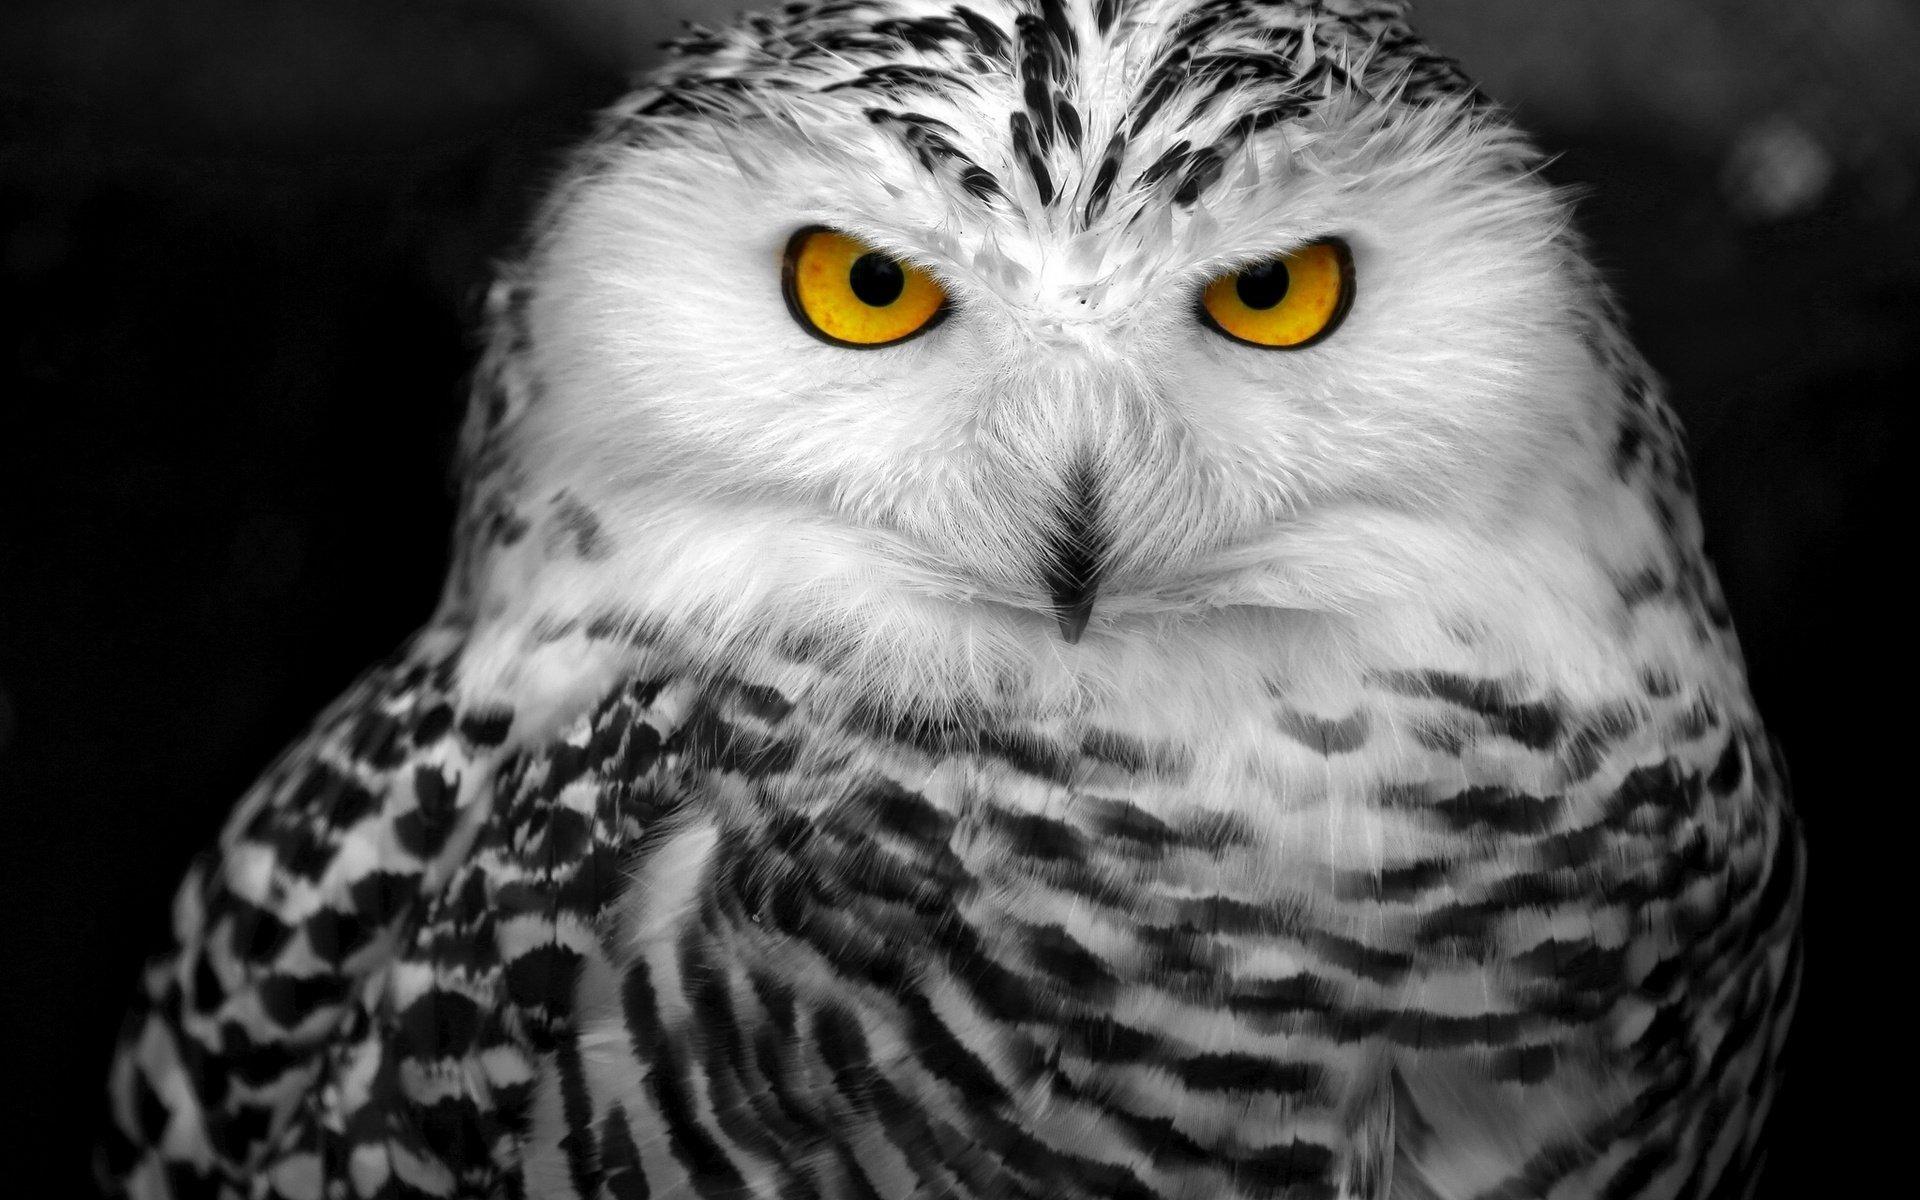 Owl Wallpapers Best